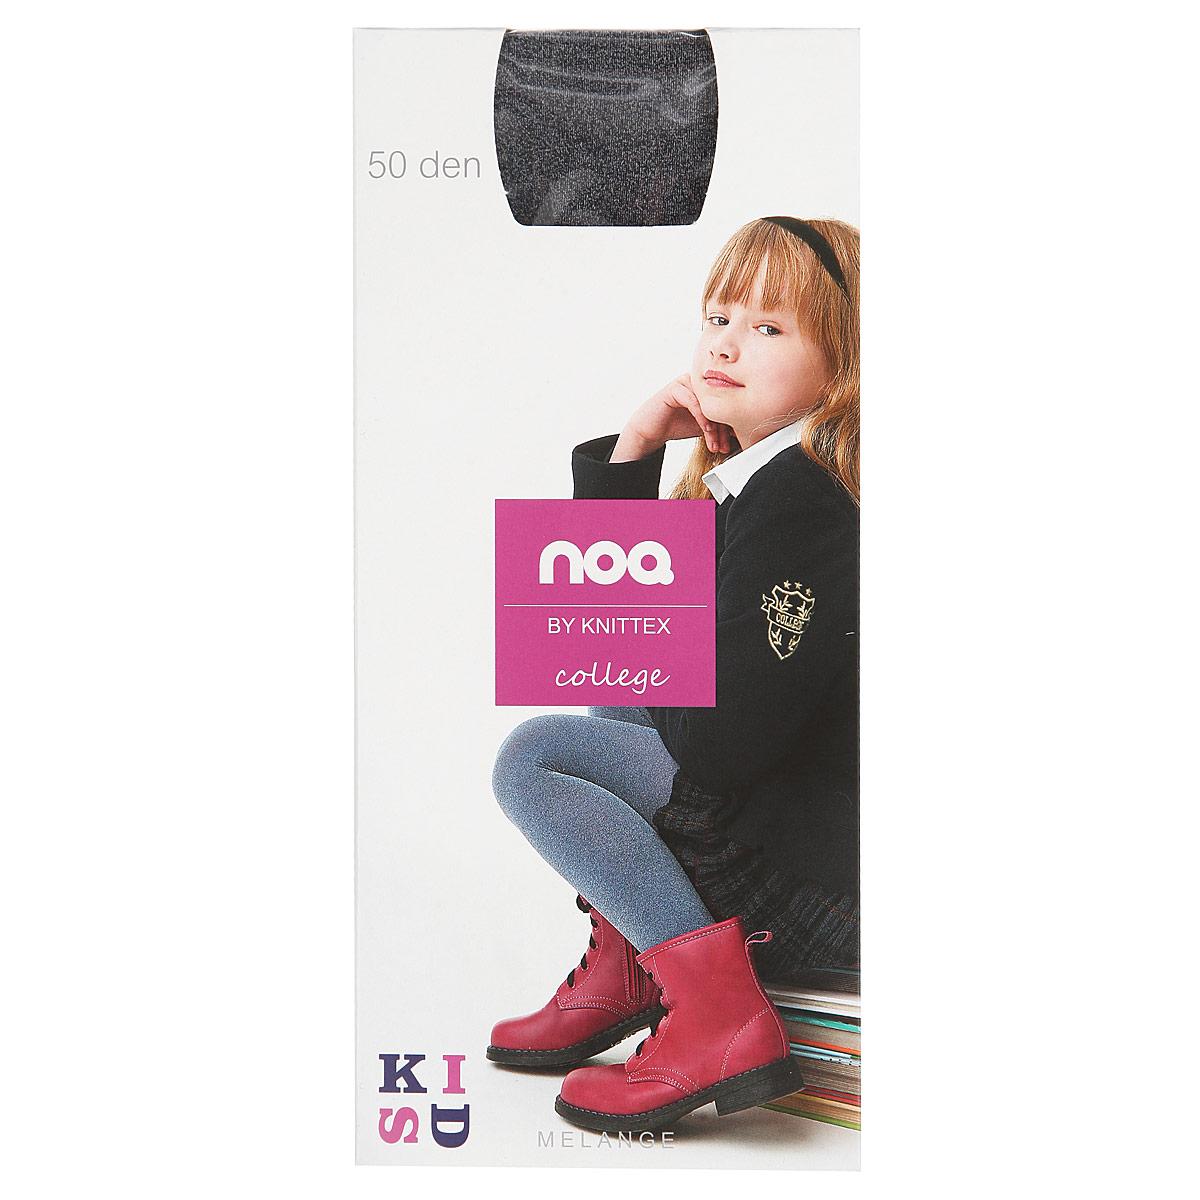 Колготки для девочки Noo CollegeRDZCOLLEGE_3Классические детские колготки Knittex Noo College изготовлены специально для девочек. Чрезвычайно мягкие и эластичные колготки имеют широкую резинку и комфортные плоские швы. Теплые и прочные, эти колготки равномерно облегают ножки, не сдавливая и не доставляя дискомфорта. Эластичные швы и мягкая резинка на поясе не позволят колготам сползать и при этом не будут стеснять движений. Входящие в состав ткани полиамид и эластан предотвращают растяжение и деформацию после стирки. Однотонная расцветка позволит сочетать эти колготки с любыми нарядами маленькой модницы. Классические колготки - это идеальное решение на каждый день для прогулки, школы, яслей или садика. Такие колготки станут великолепным дополнением к гардеробу вашей красавицы.